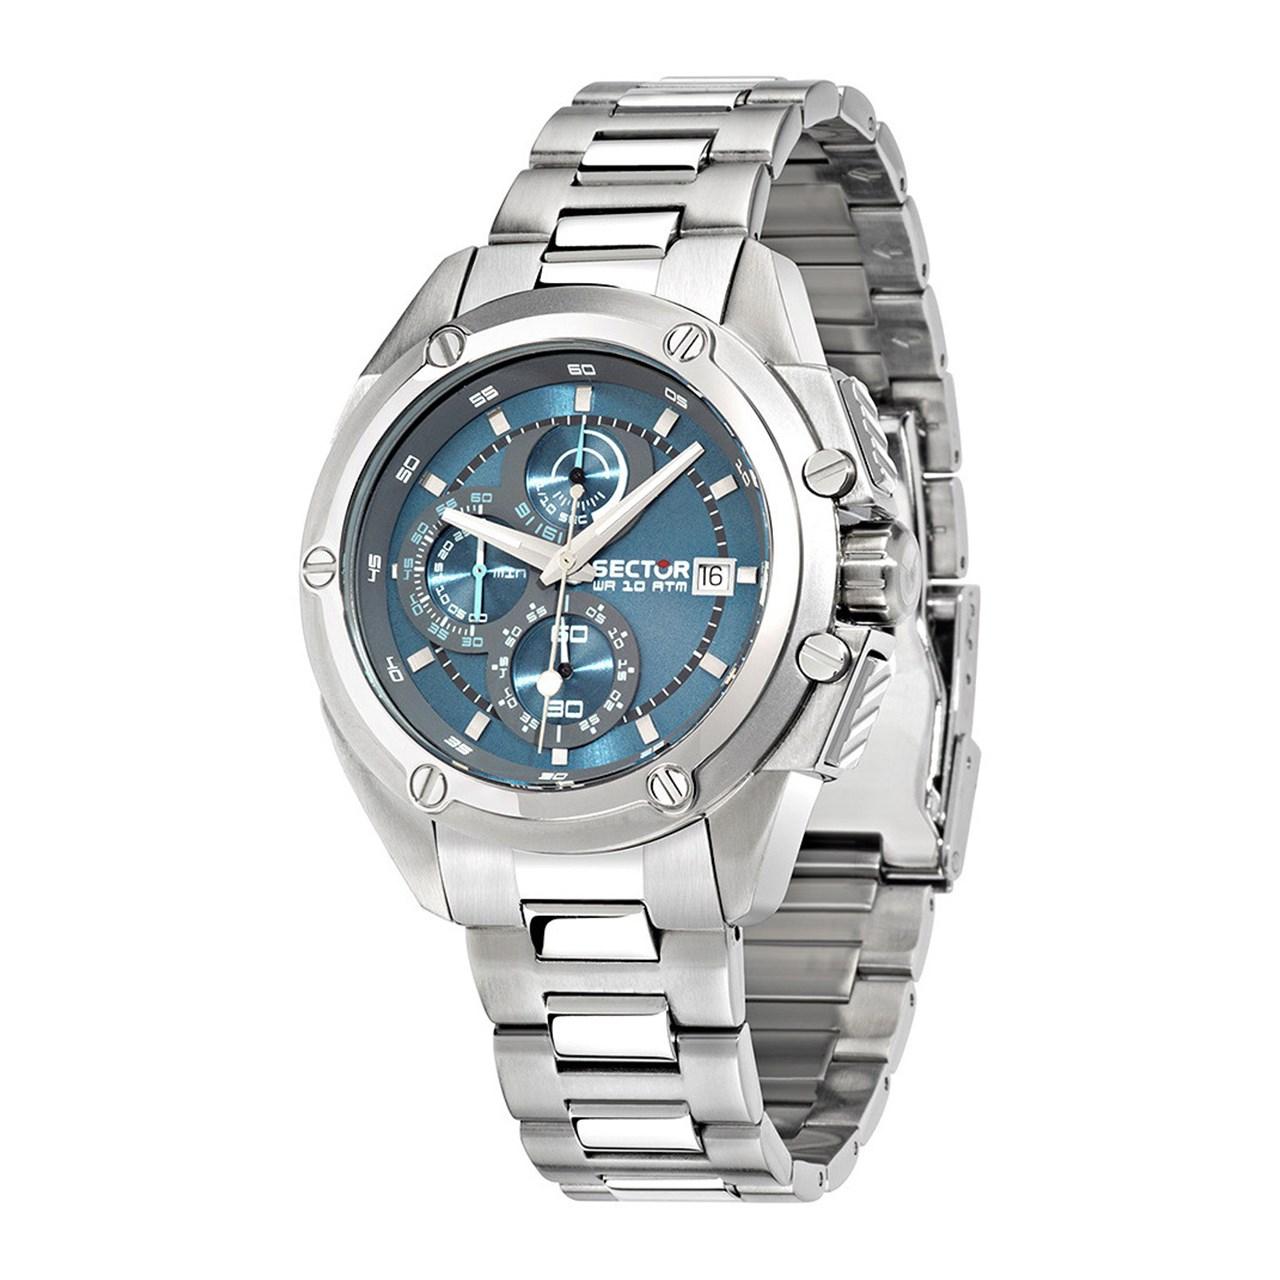 ساعت مچی عقربه ای مردانه  سکتور مدل 950-3273981001